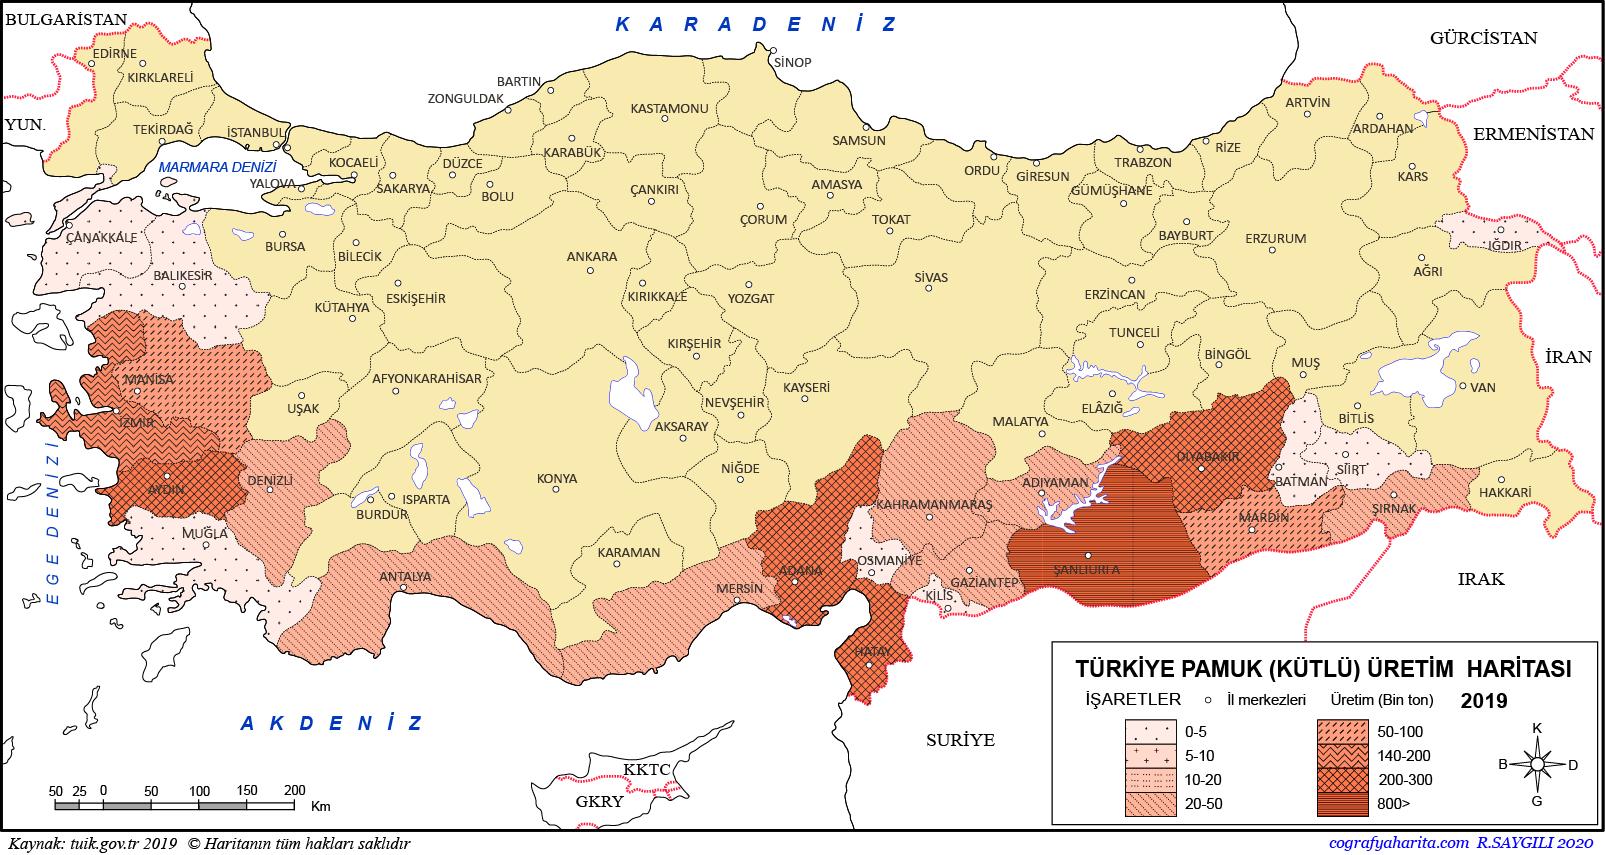 Türkiye Pamuk Üretim Haritası